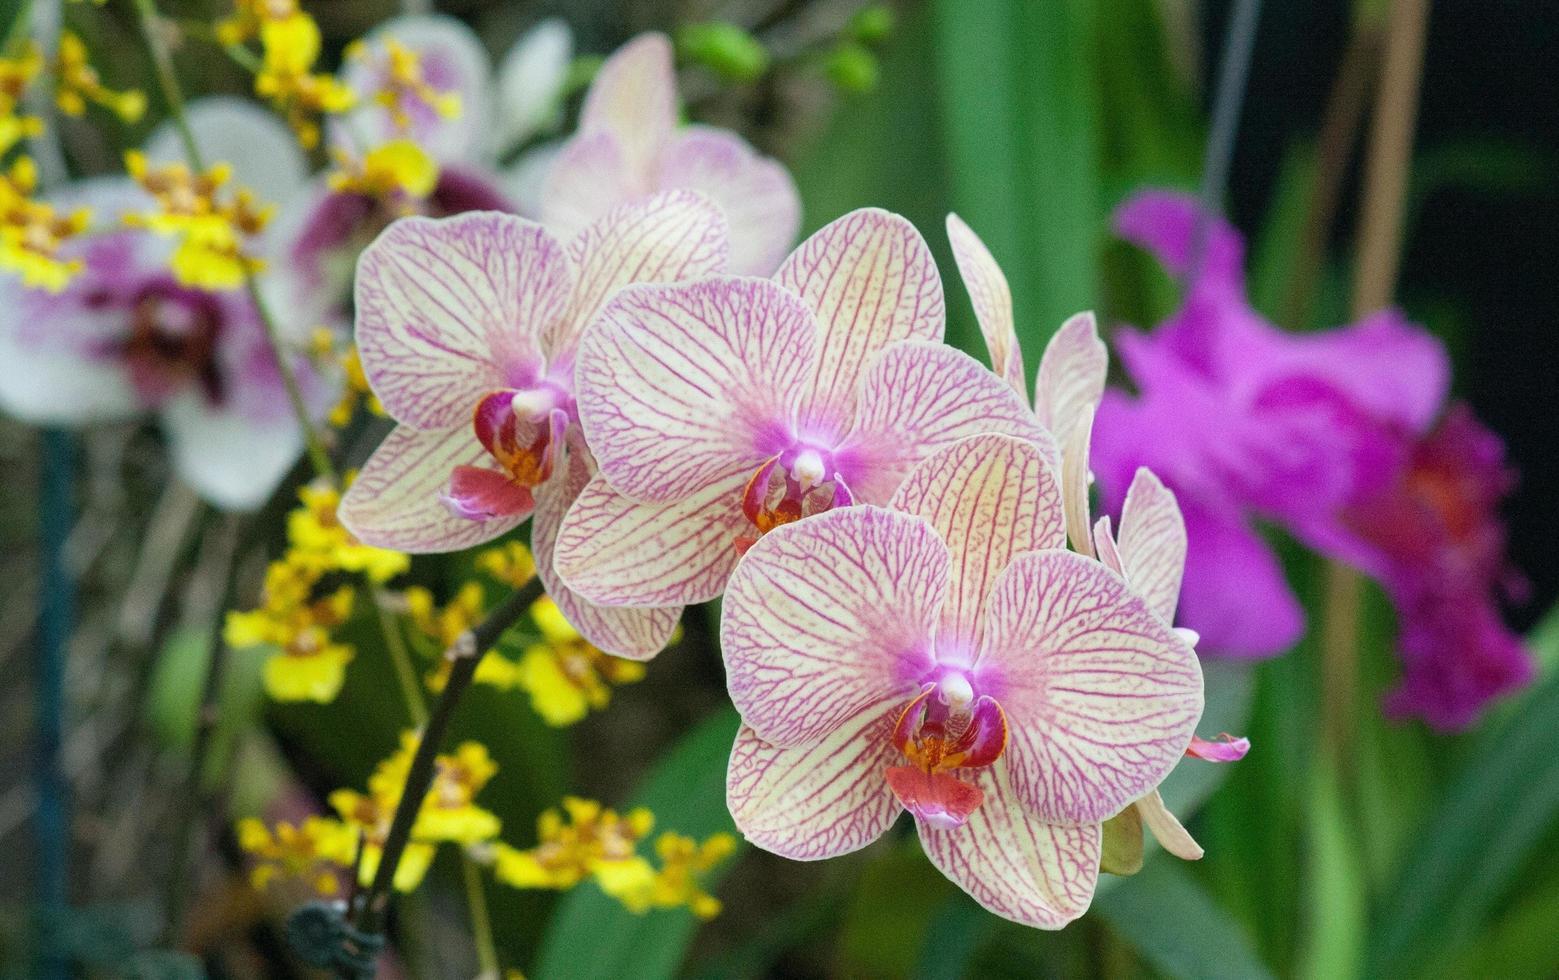 fleurs dans un jardin photo